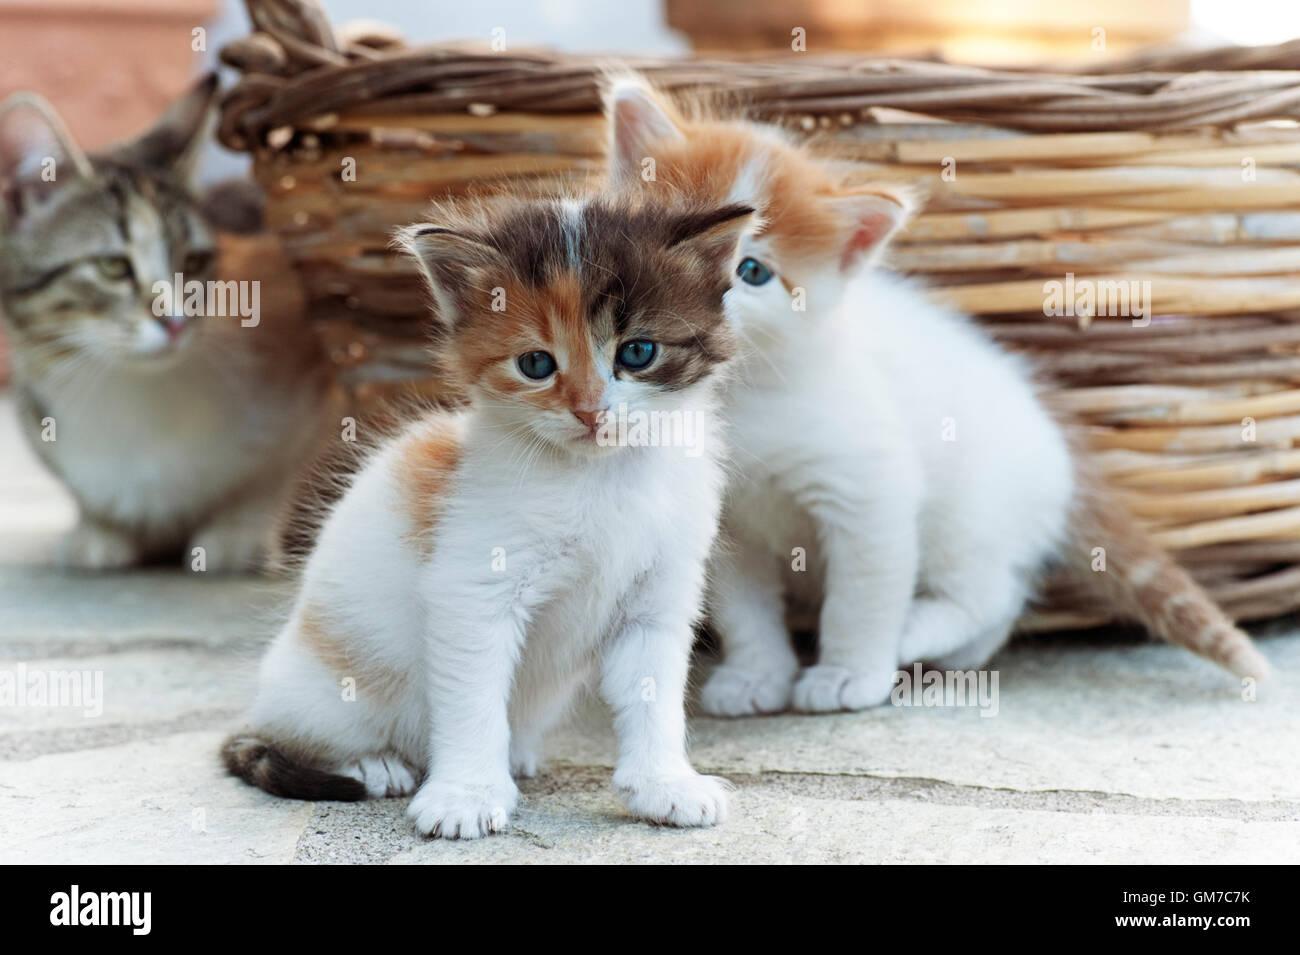 De dos a cuatro semanas de edad gatitos sentados al aire libre con su madre viéndolos en el fondo Imagen De Stock